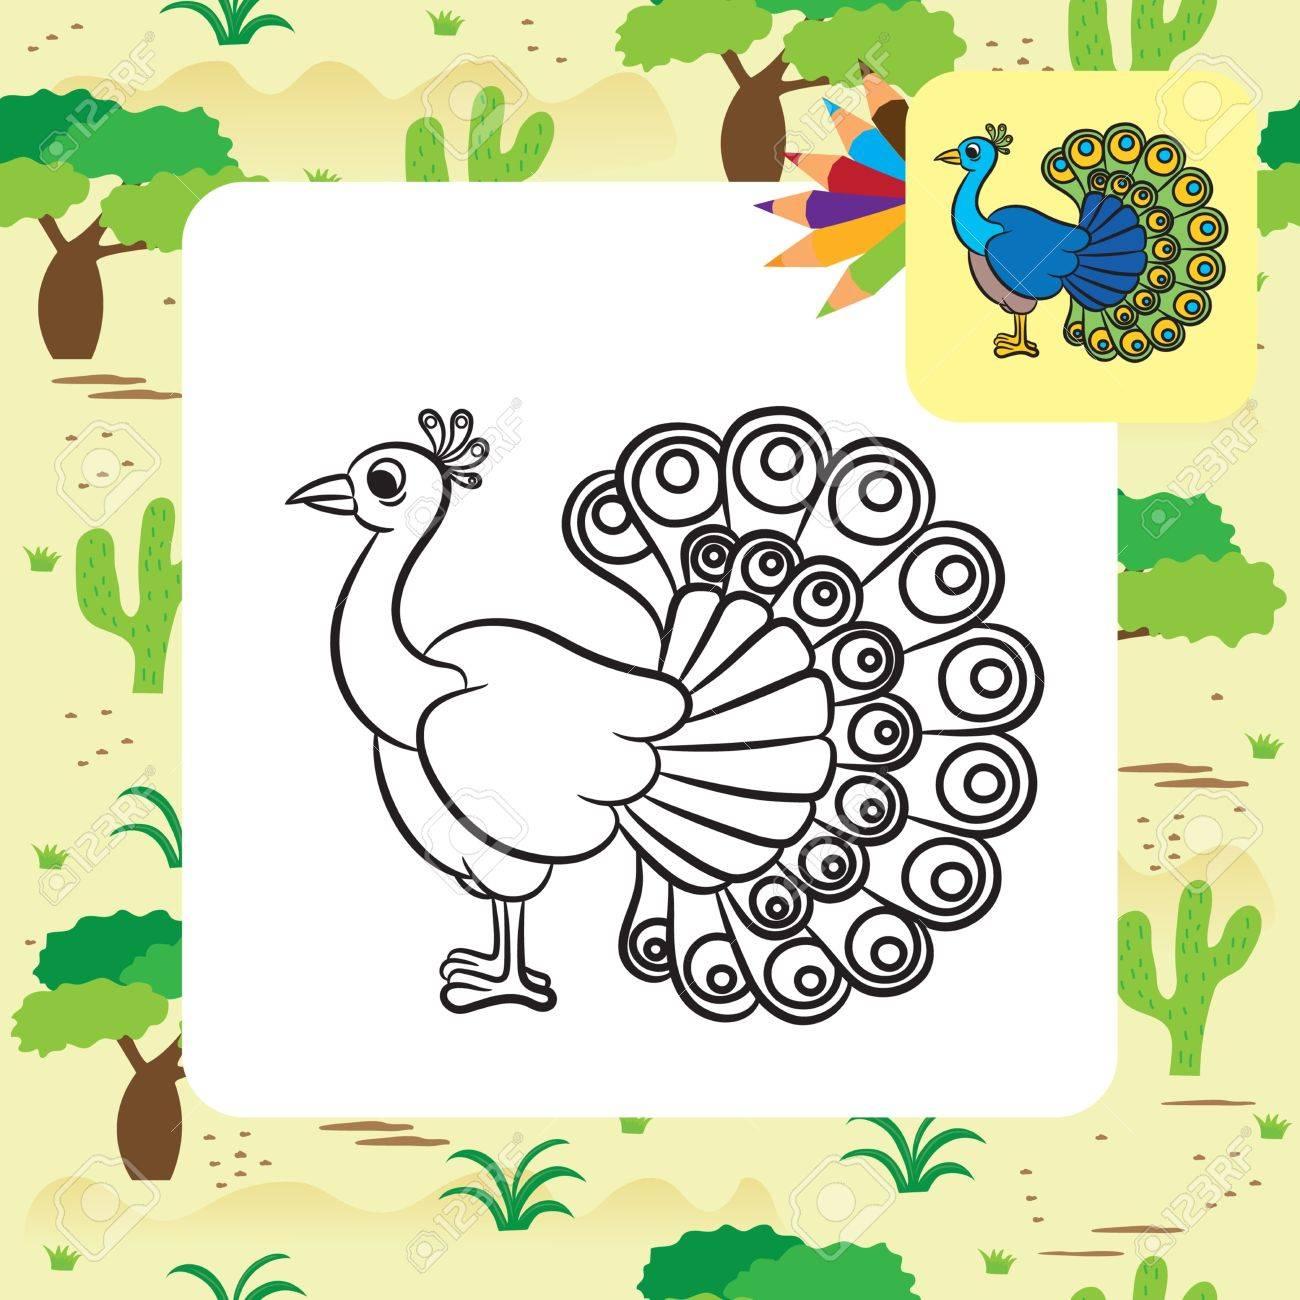 Ilustración Del Pájaro Del Pavo Real. Dibujo Para Colorear ...